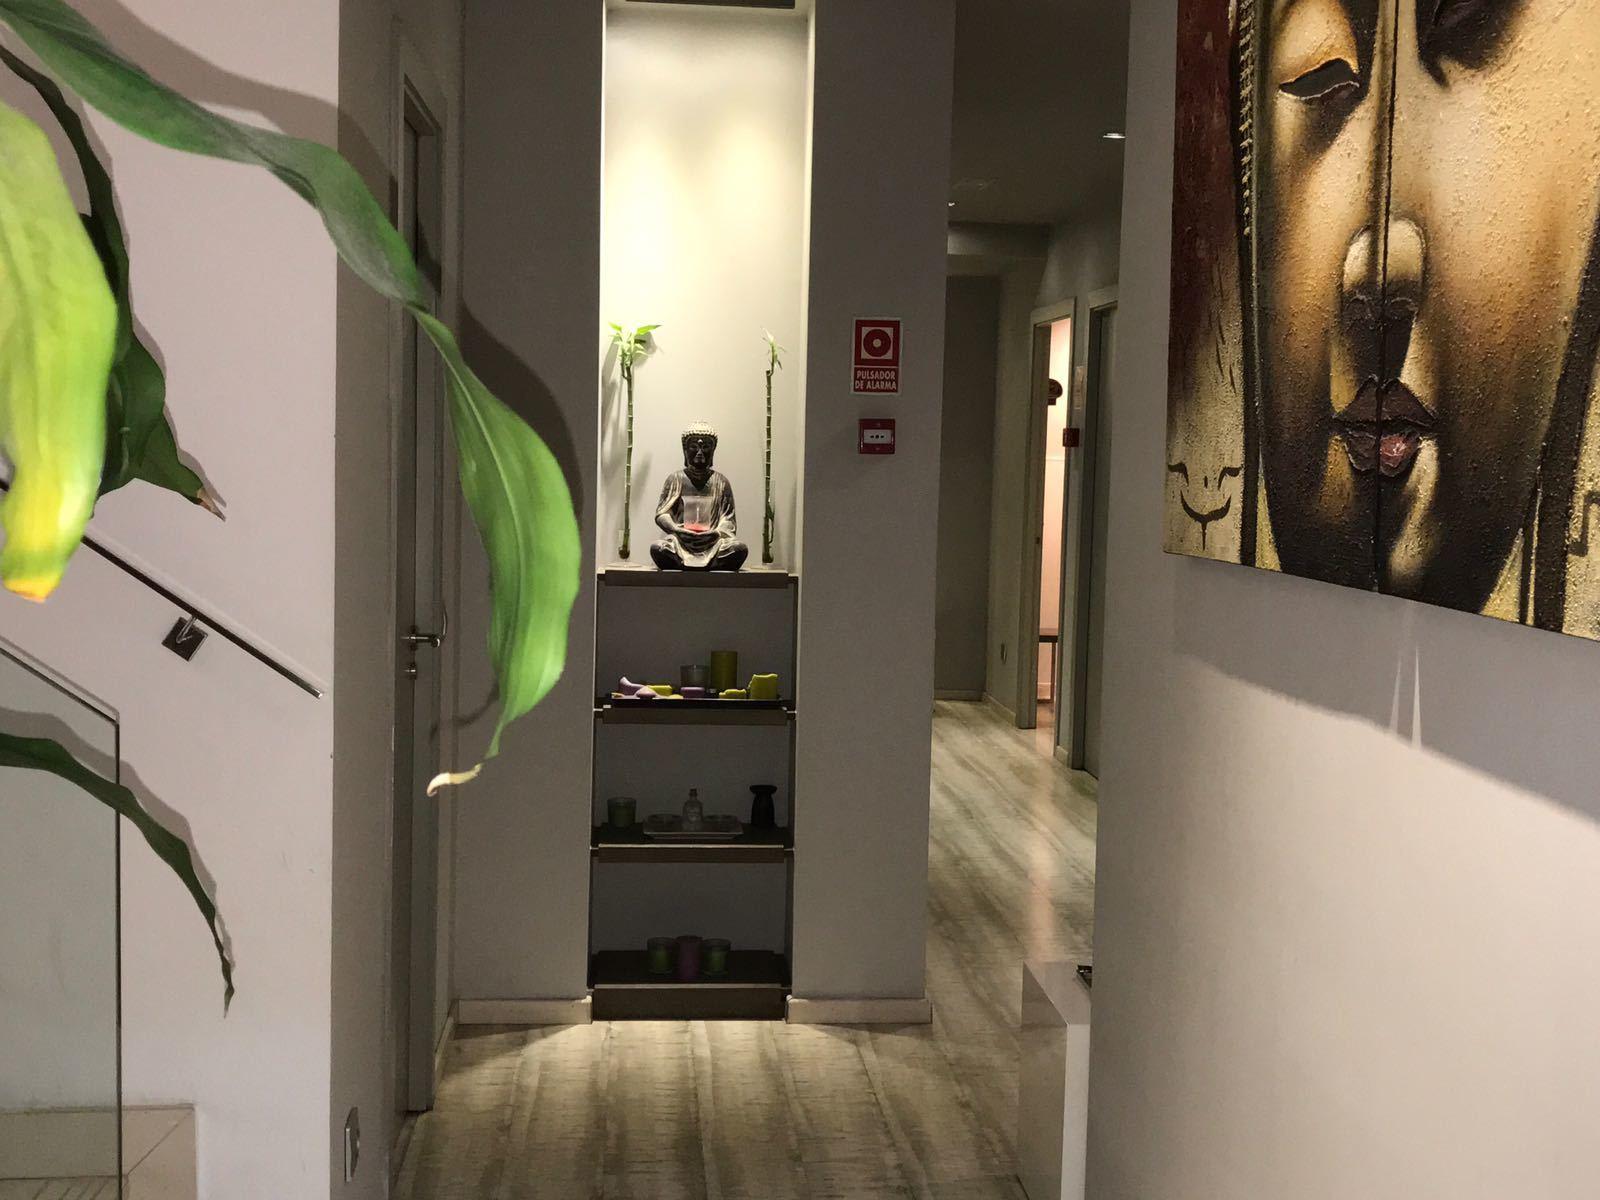 Foto 9 de Efectivos tratamientos de fisioterapia en Madrid | Clínica Fisiopinar